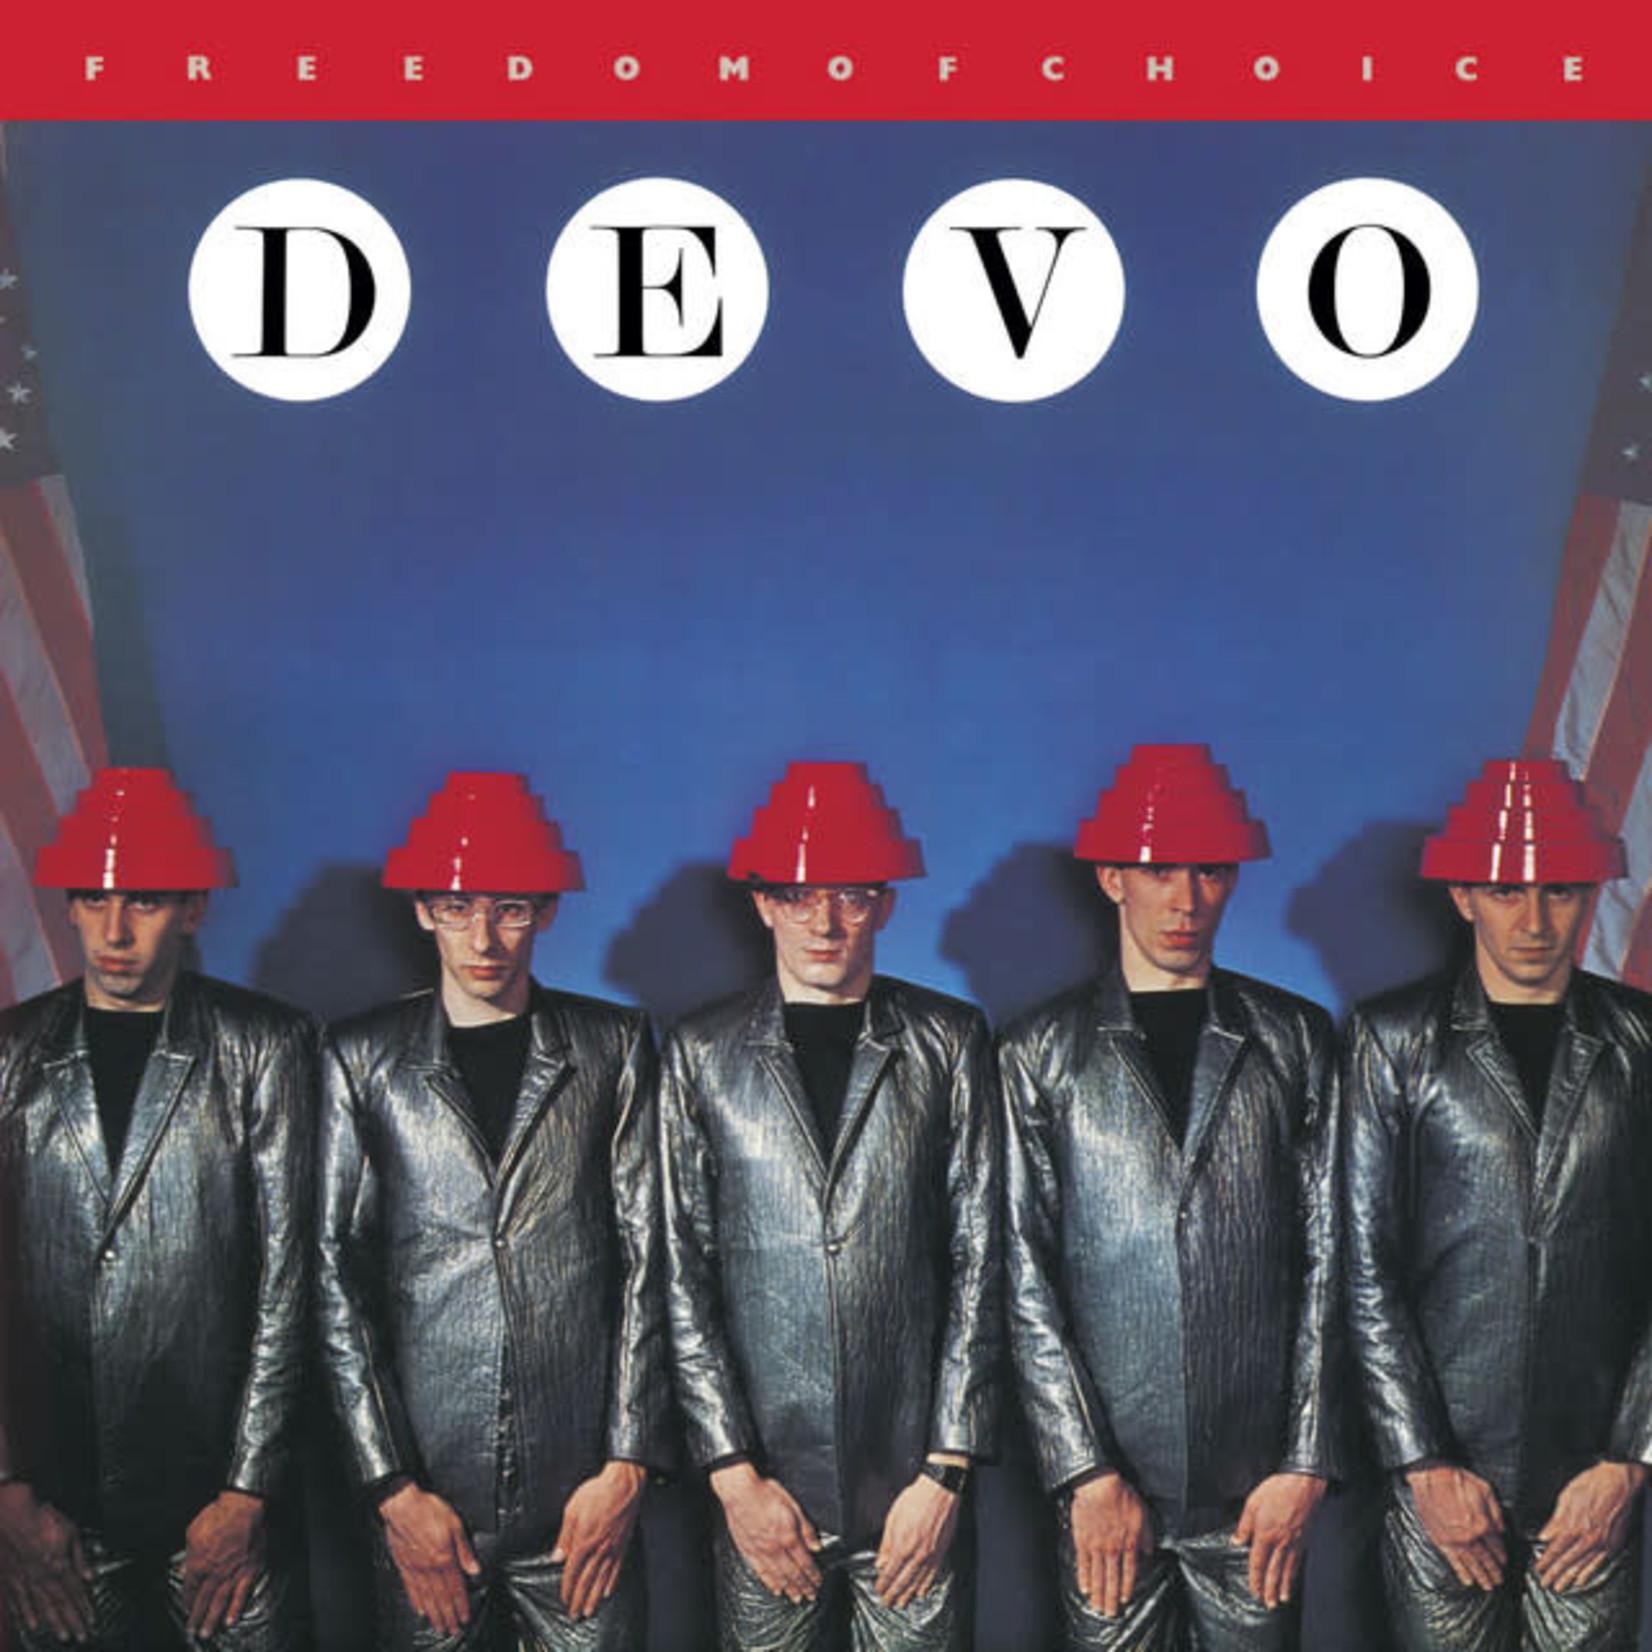 Vinyl Devo - Freedom Of Choice